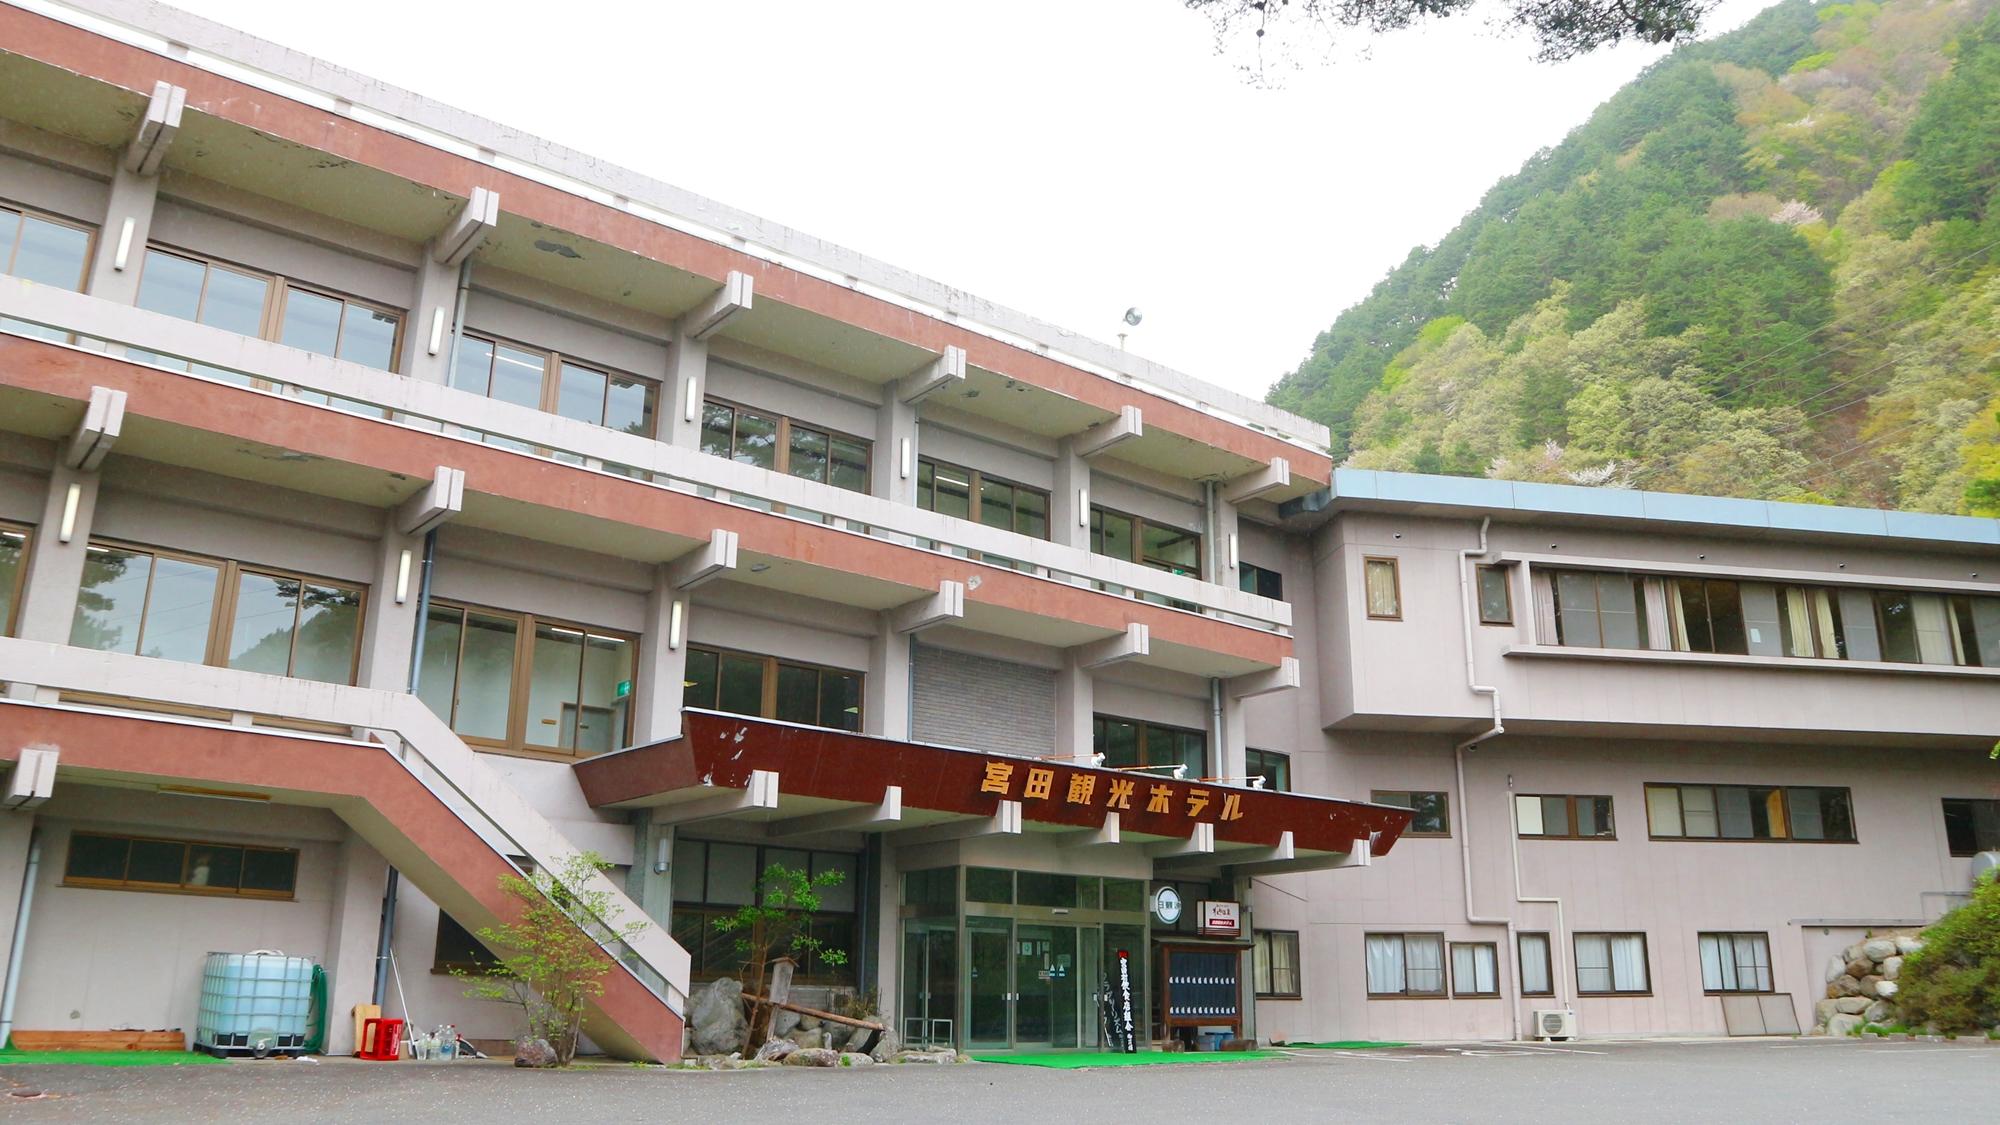 宮田観光ホテル 松雲閣◆楽天トラベル